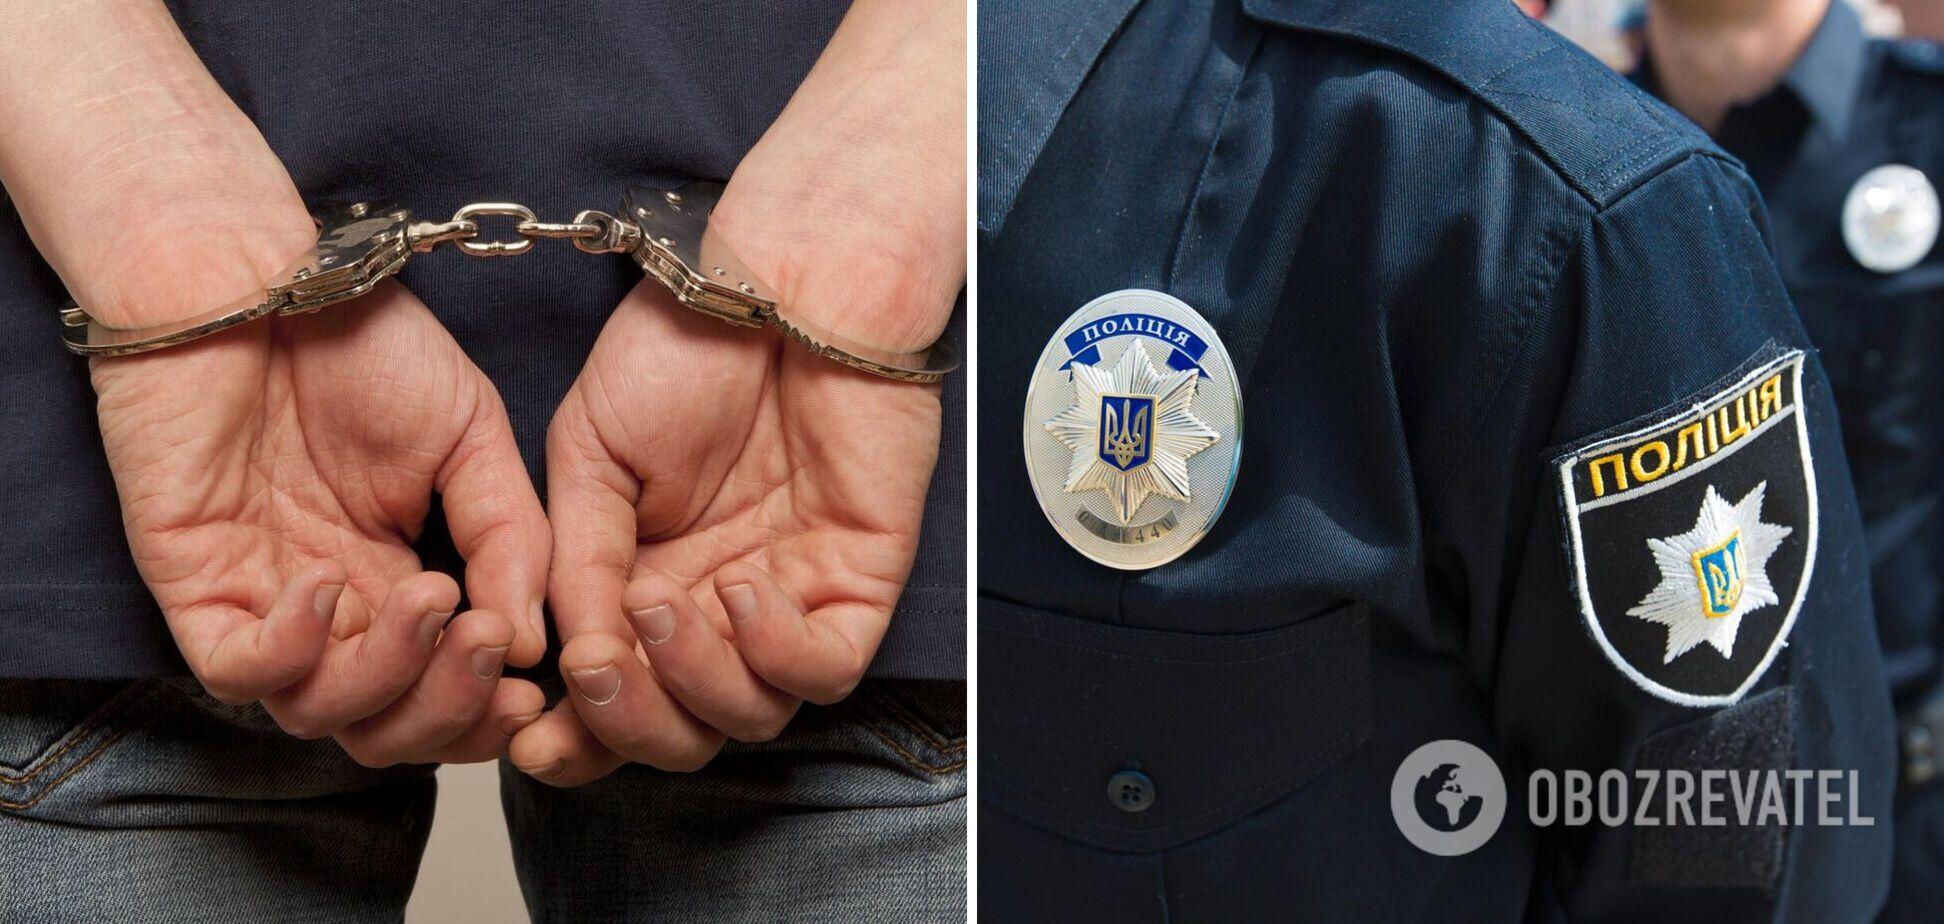 В Одесі чоловік побив поліцейського через те, що той не забрав його сестру в СІЗО